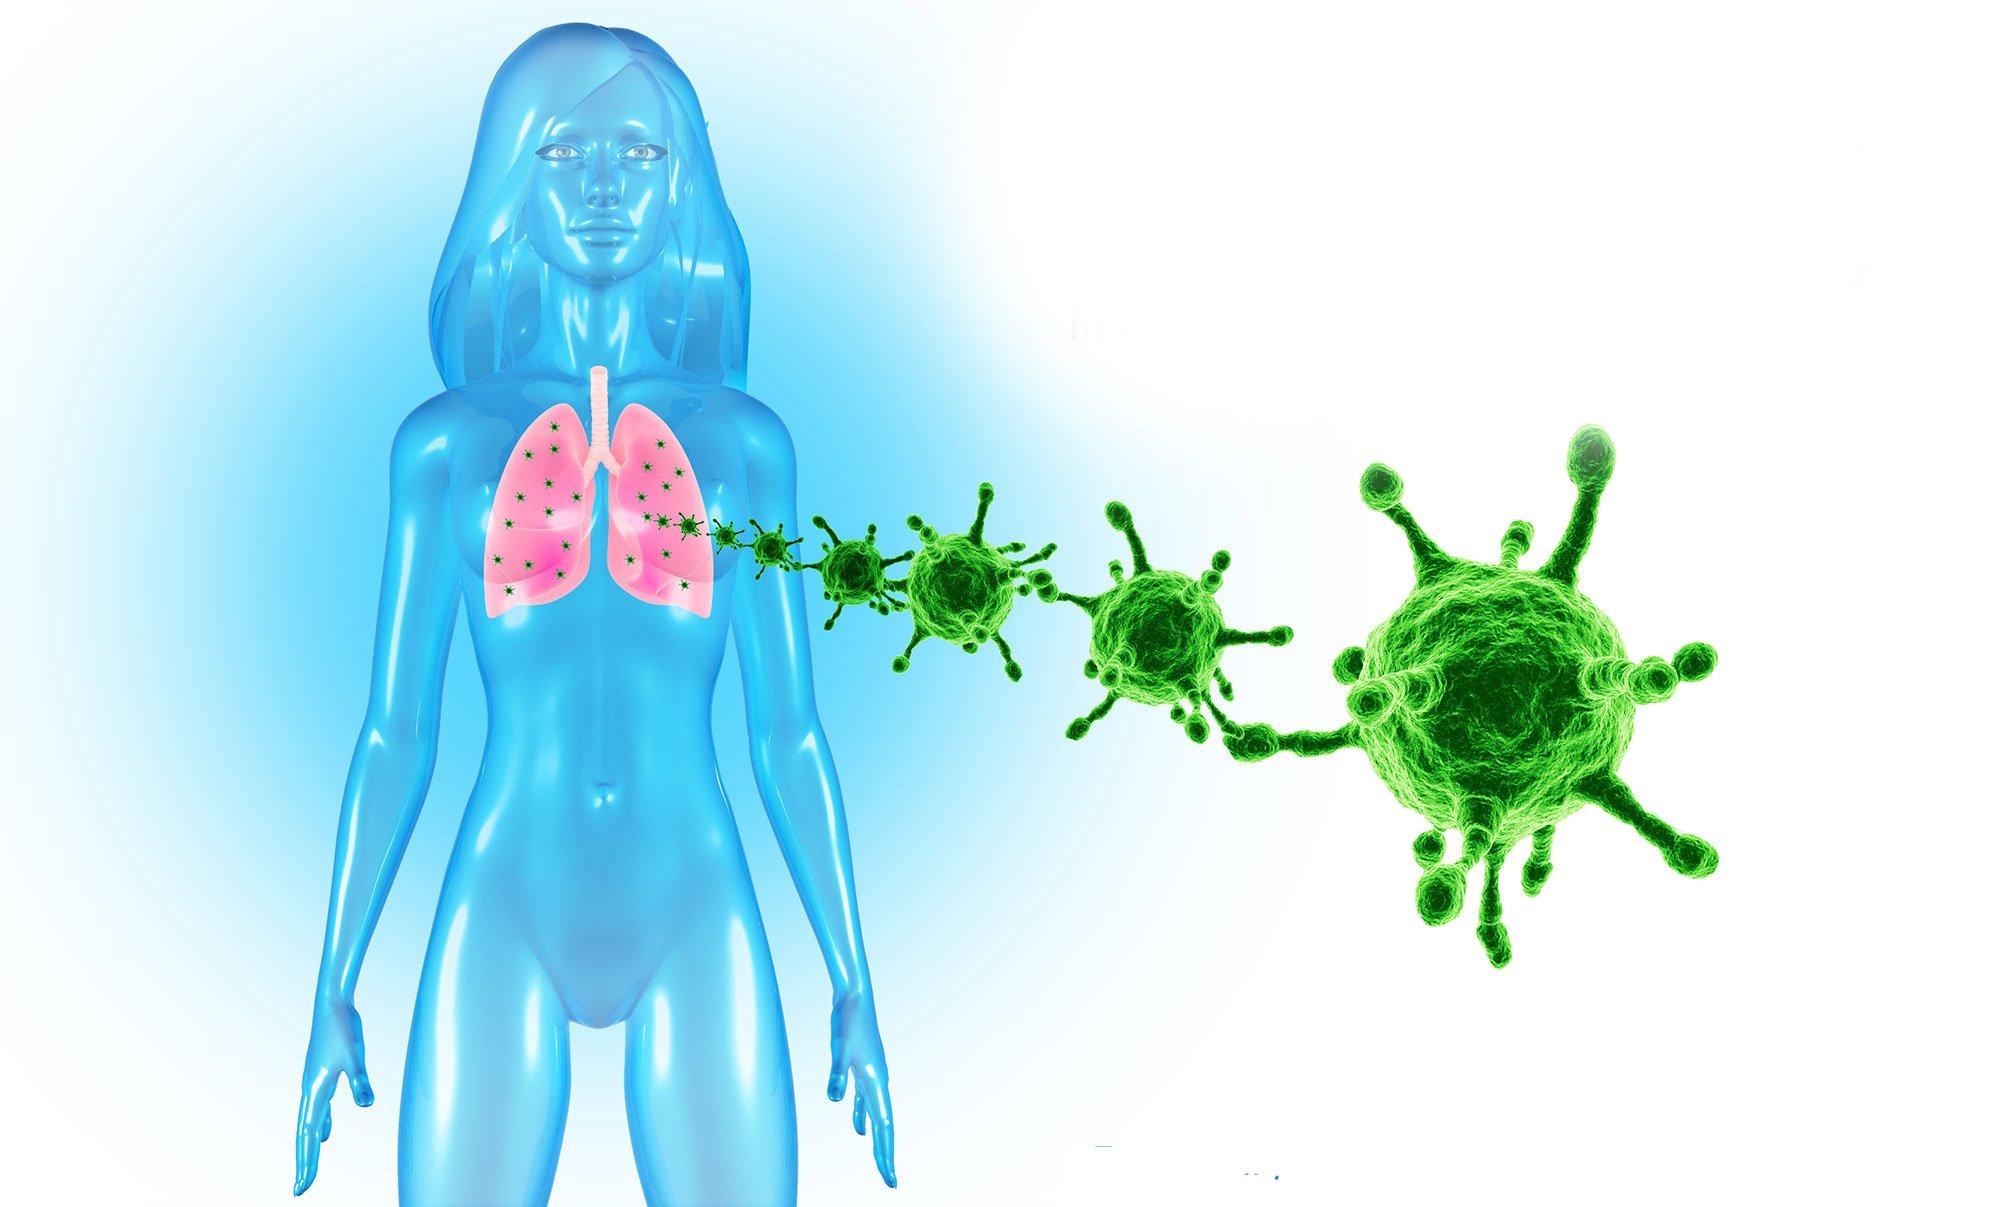 Правосторонняя подмышечная лимфаденопатия